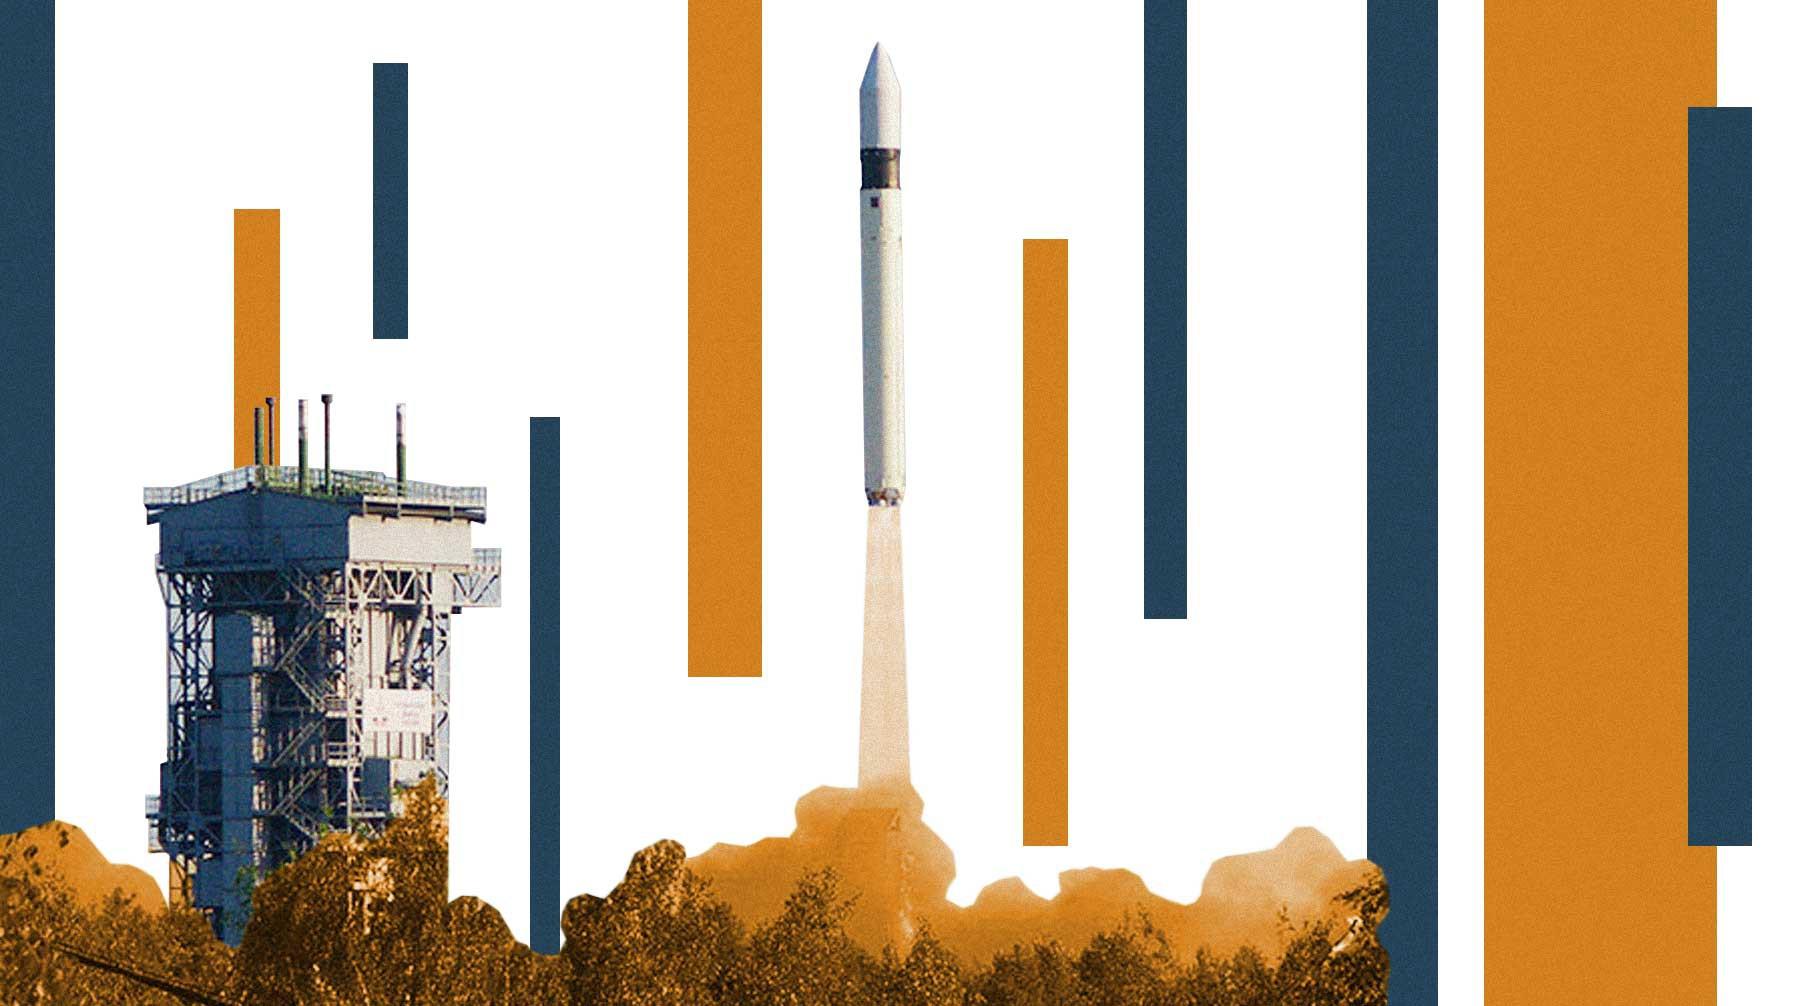 Dailystorm - Лень космонавтики